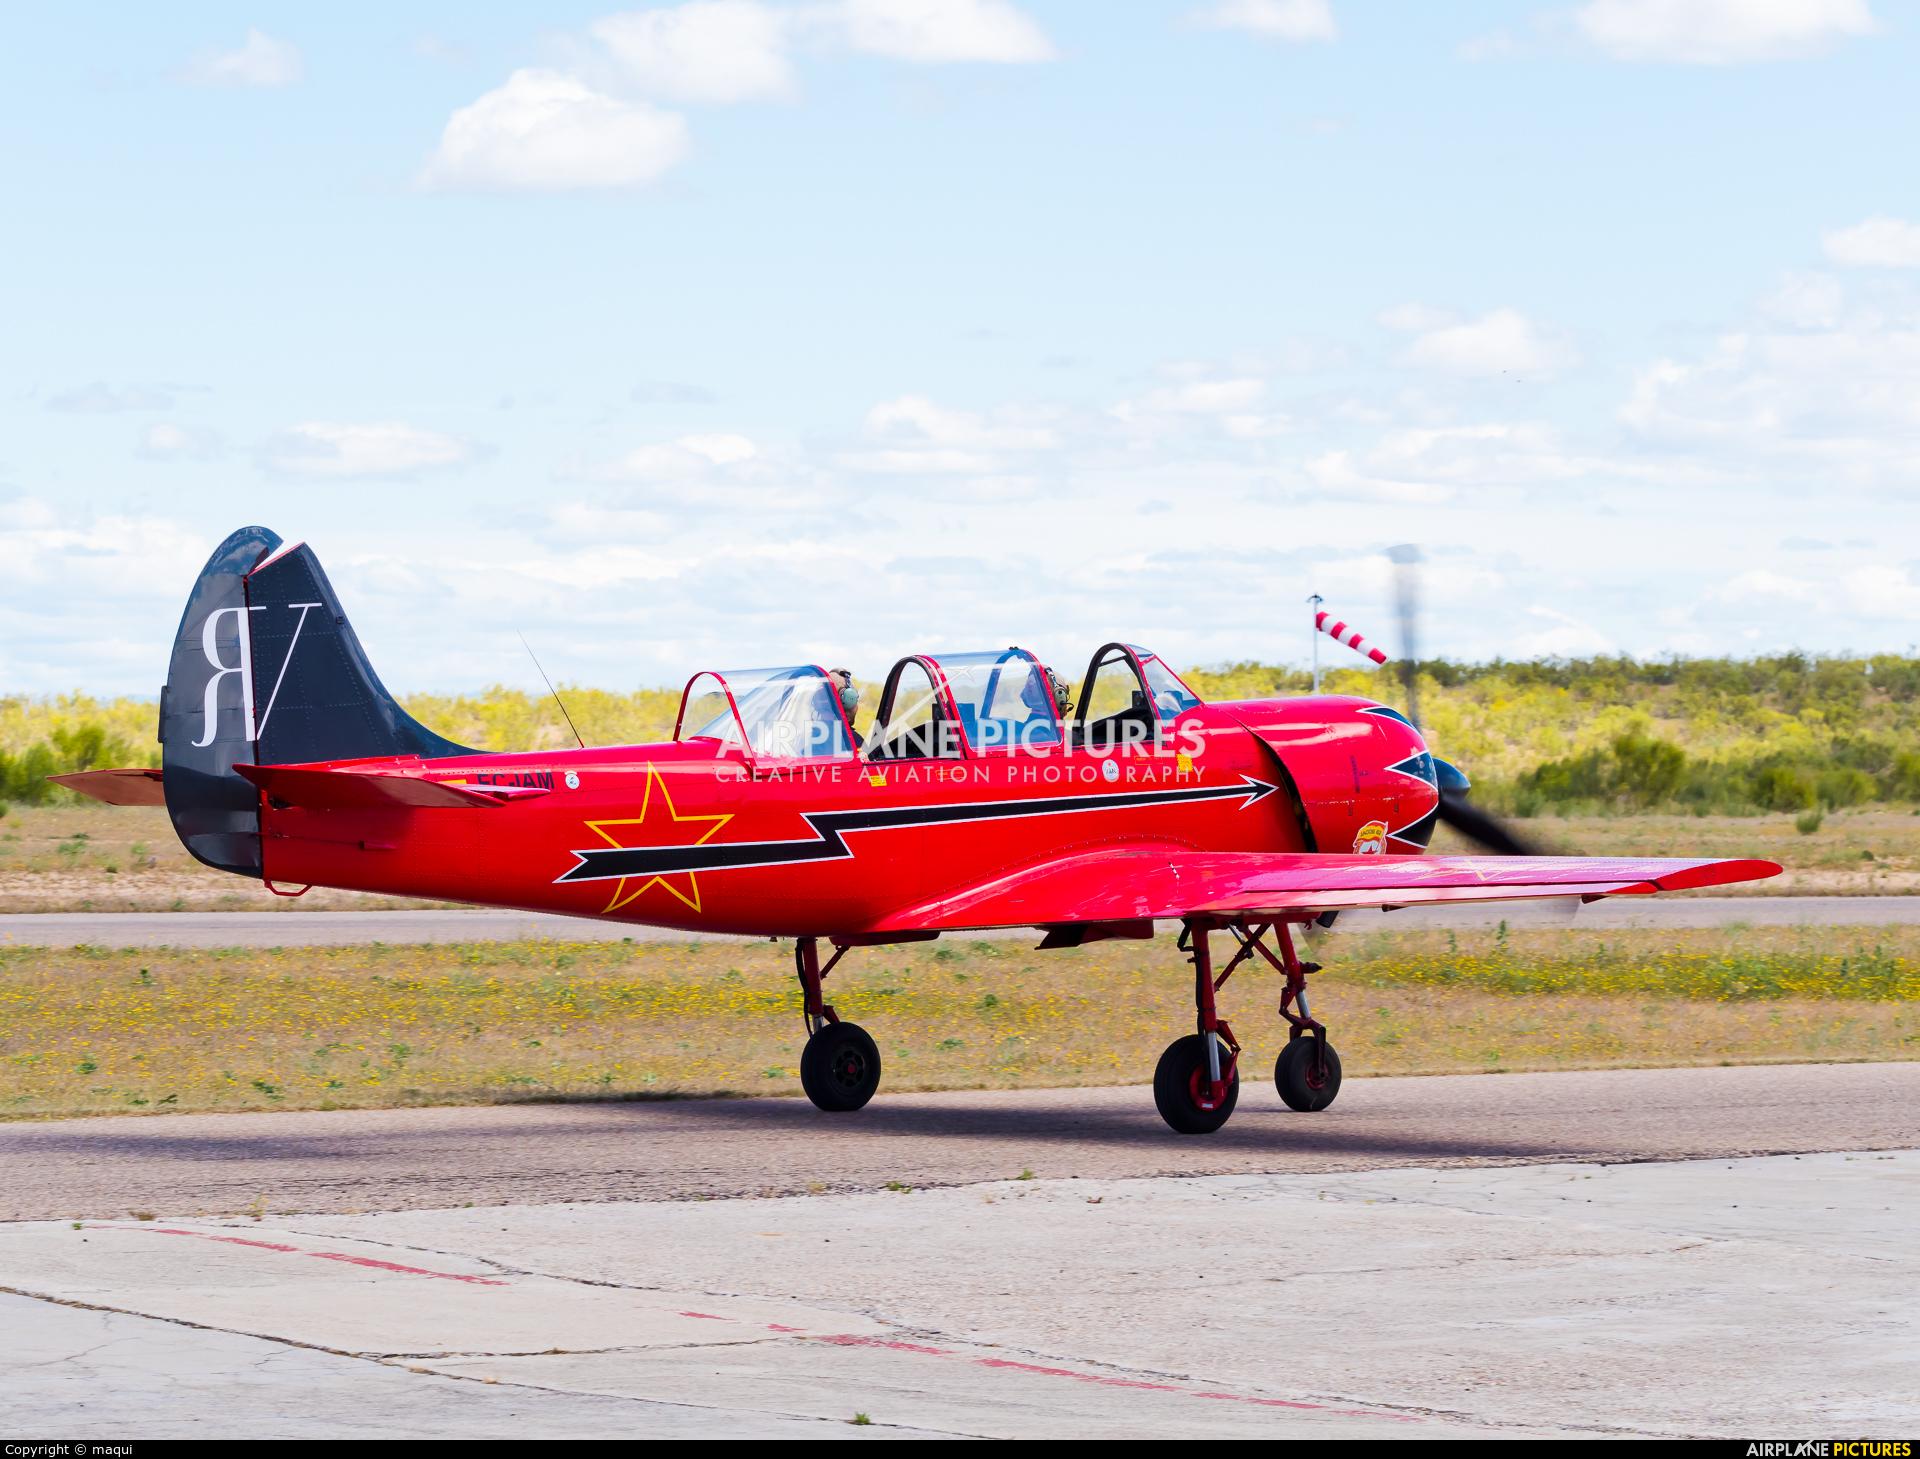 """Asociación Deportiva """"Jacob 52"""" EC-IAM aircraft at Casarrubios del Monte"""